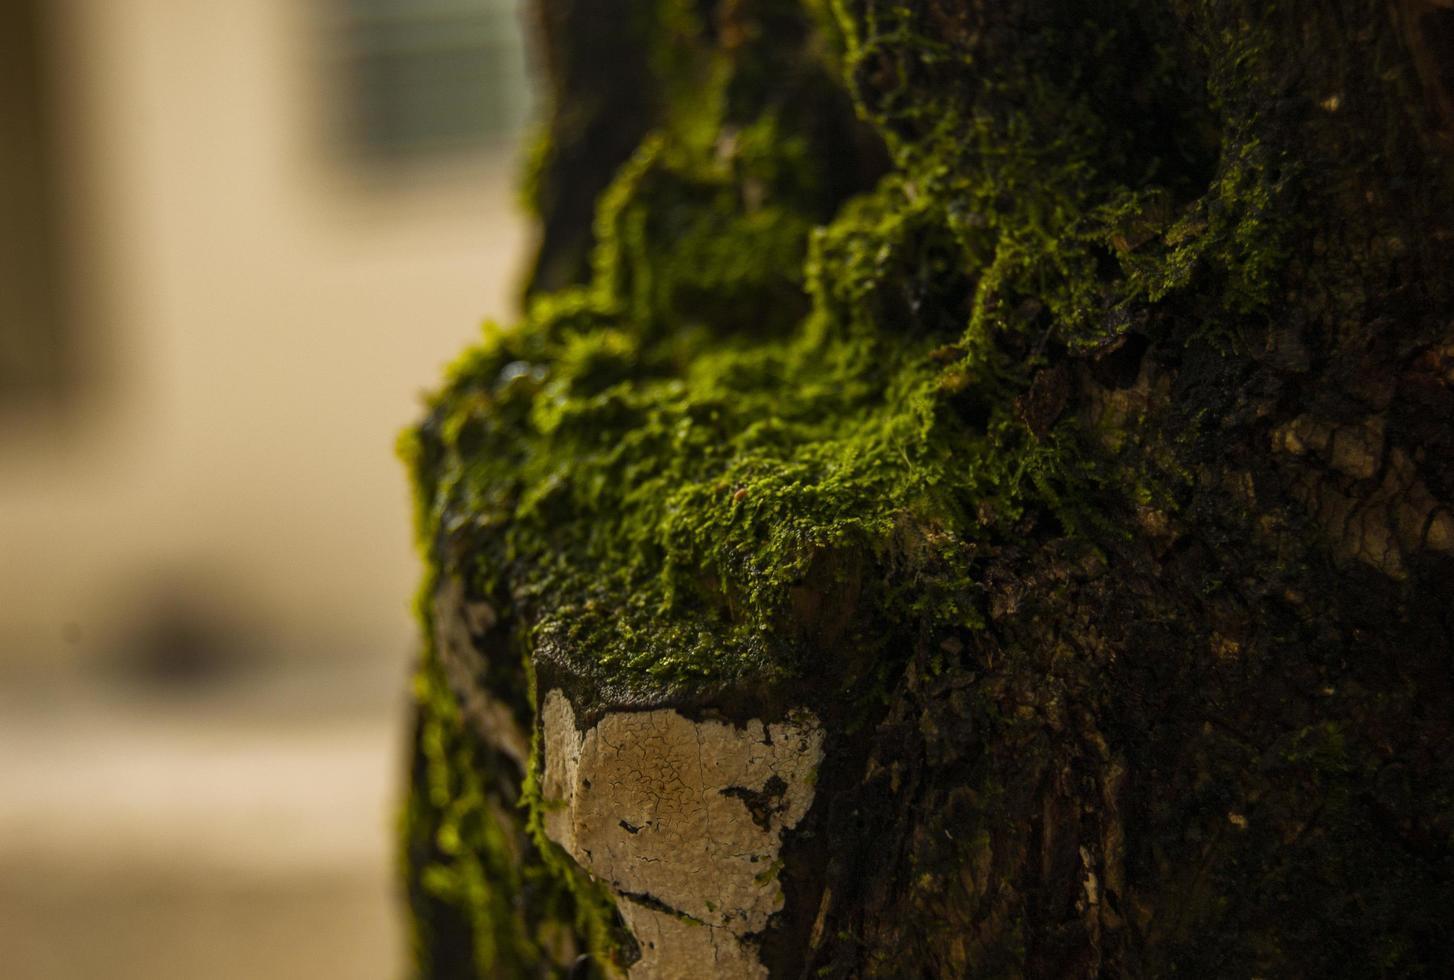 muschio verde sull'albero foto